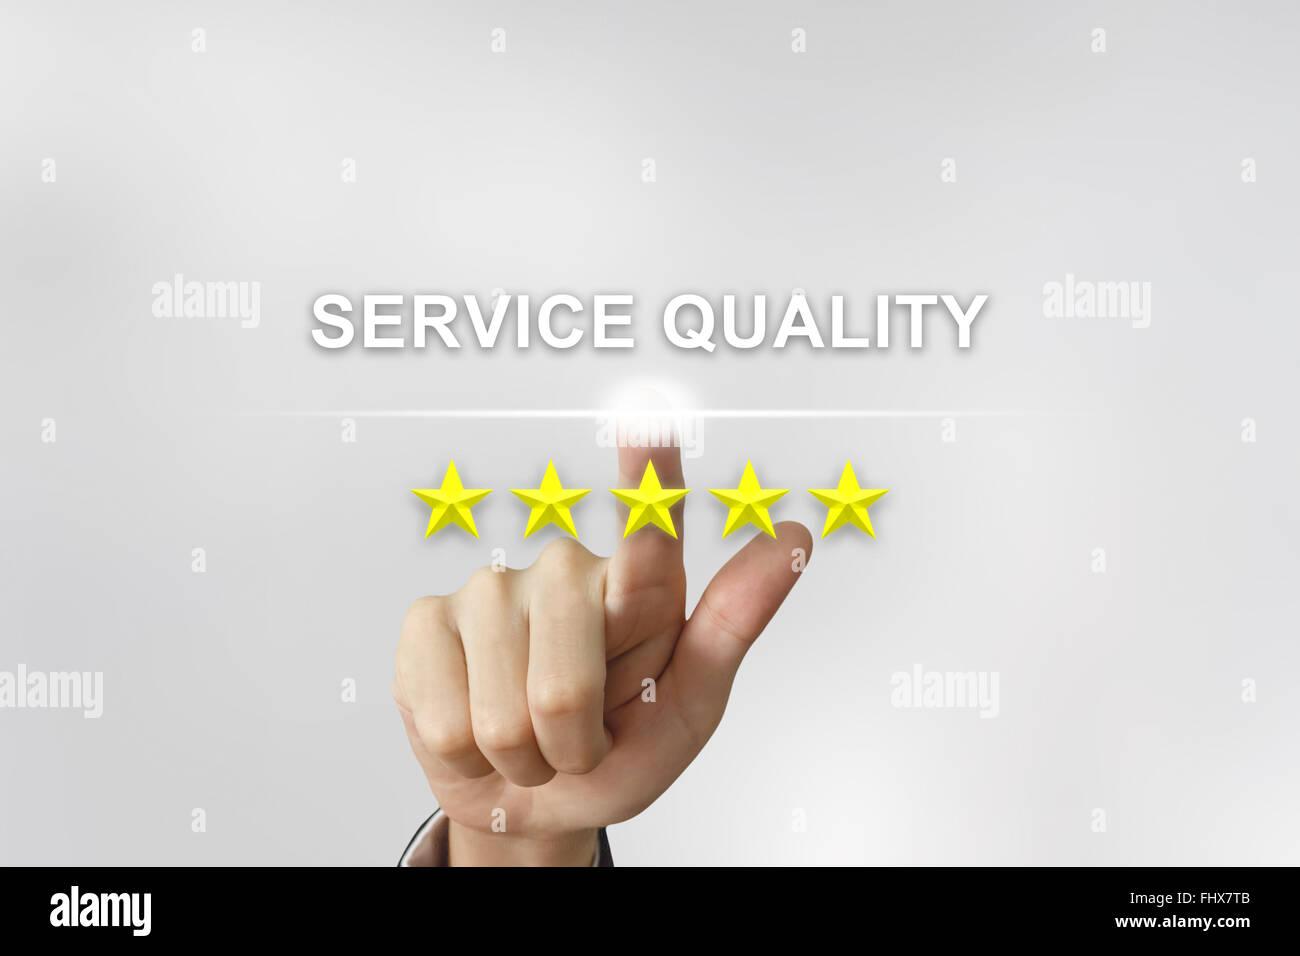 Mano de negocios haciendo clic en la calidad del servicio con cinco estrellas en la pantalla Foto de stock